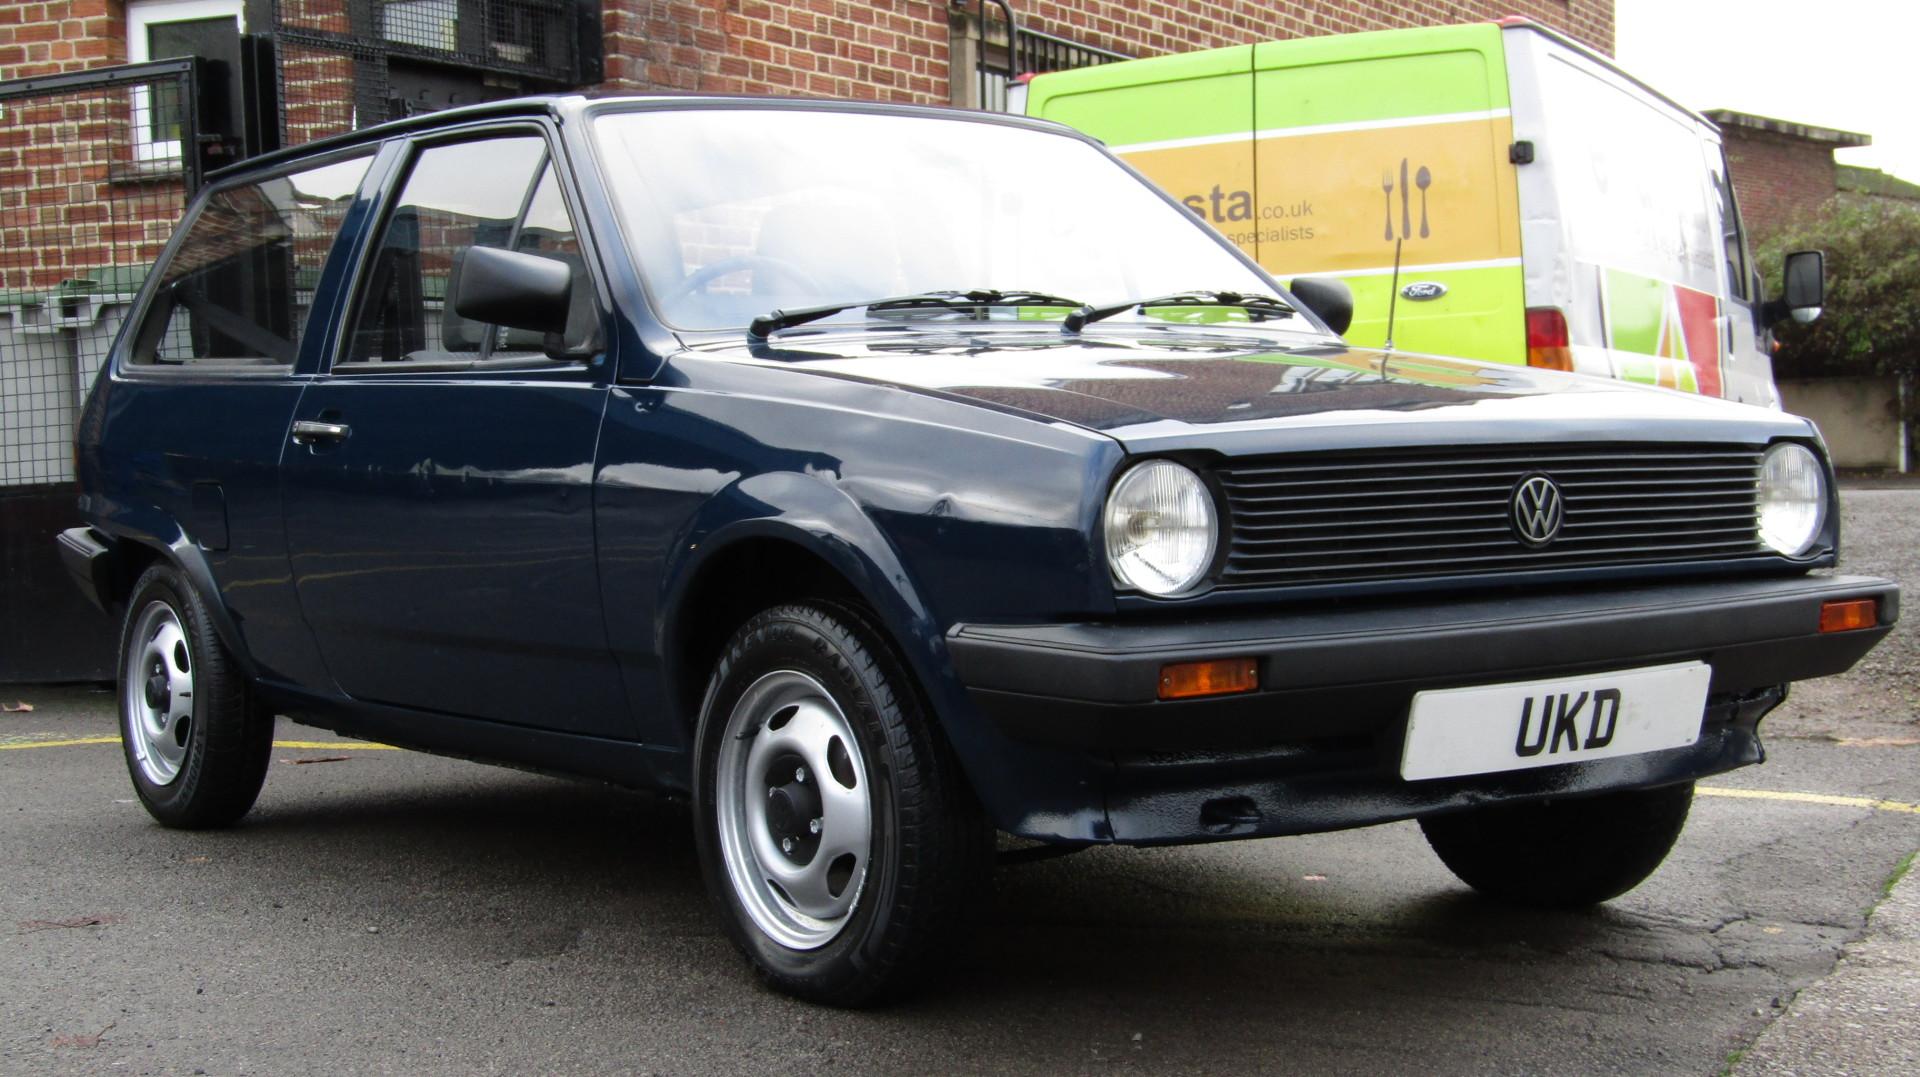 VW POLO MK2 BREADVAN 1.0 3DR BLUE 1985